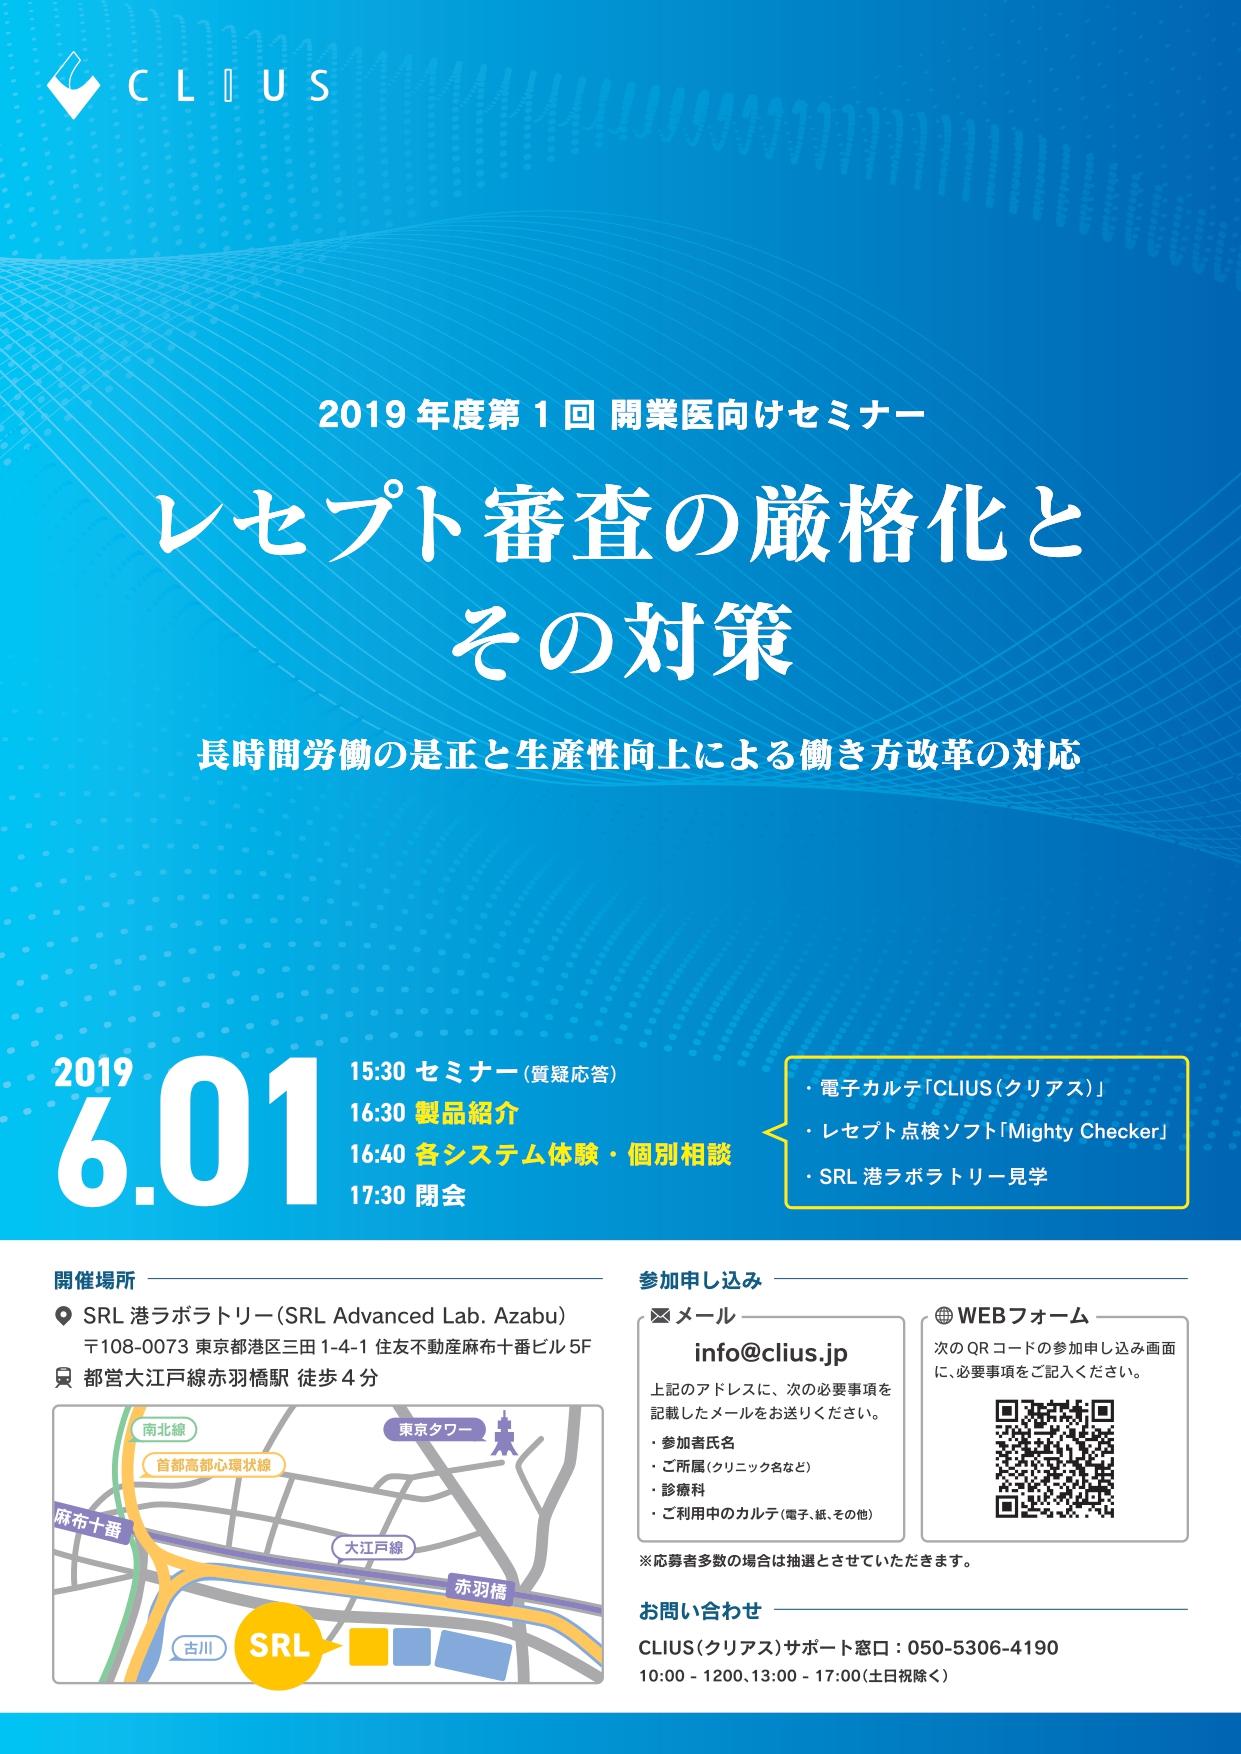 6月1日(土)開業医の方向けにセミナー開催のお知らせ